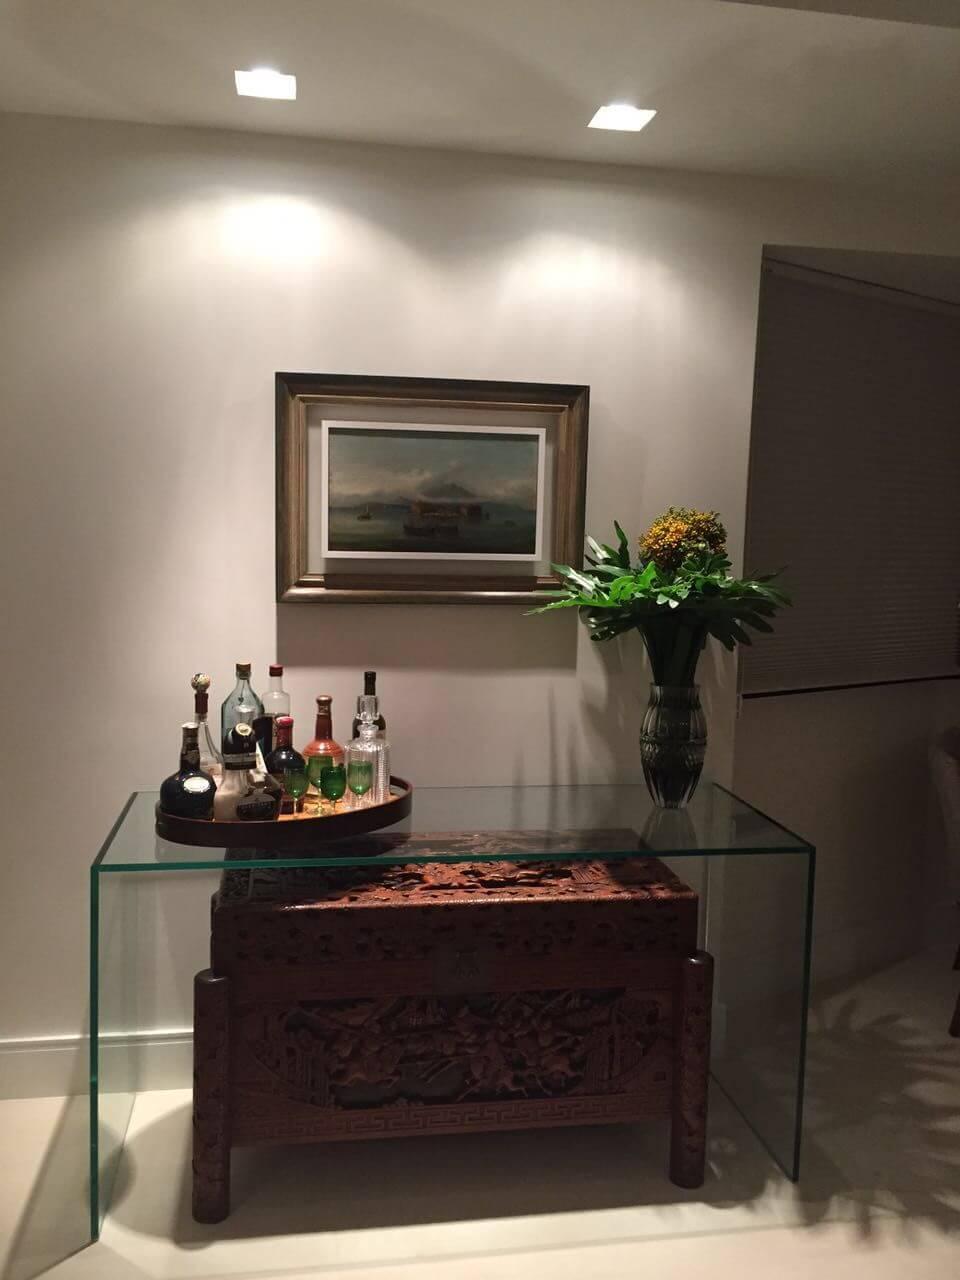 aparador de vidro - aparador de vidro simples